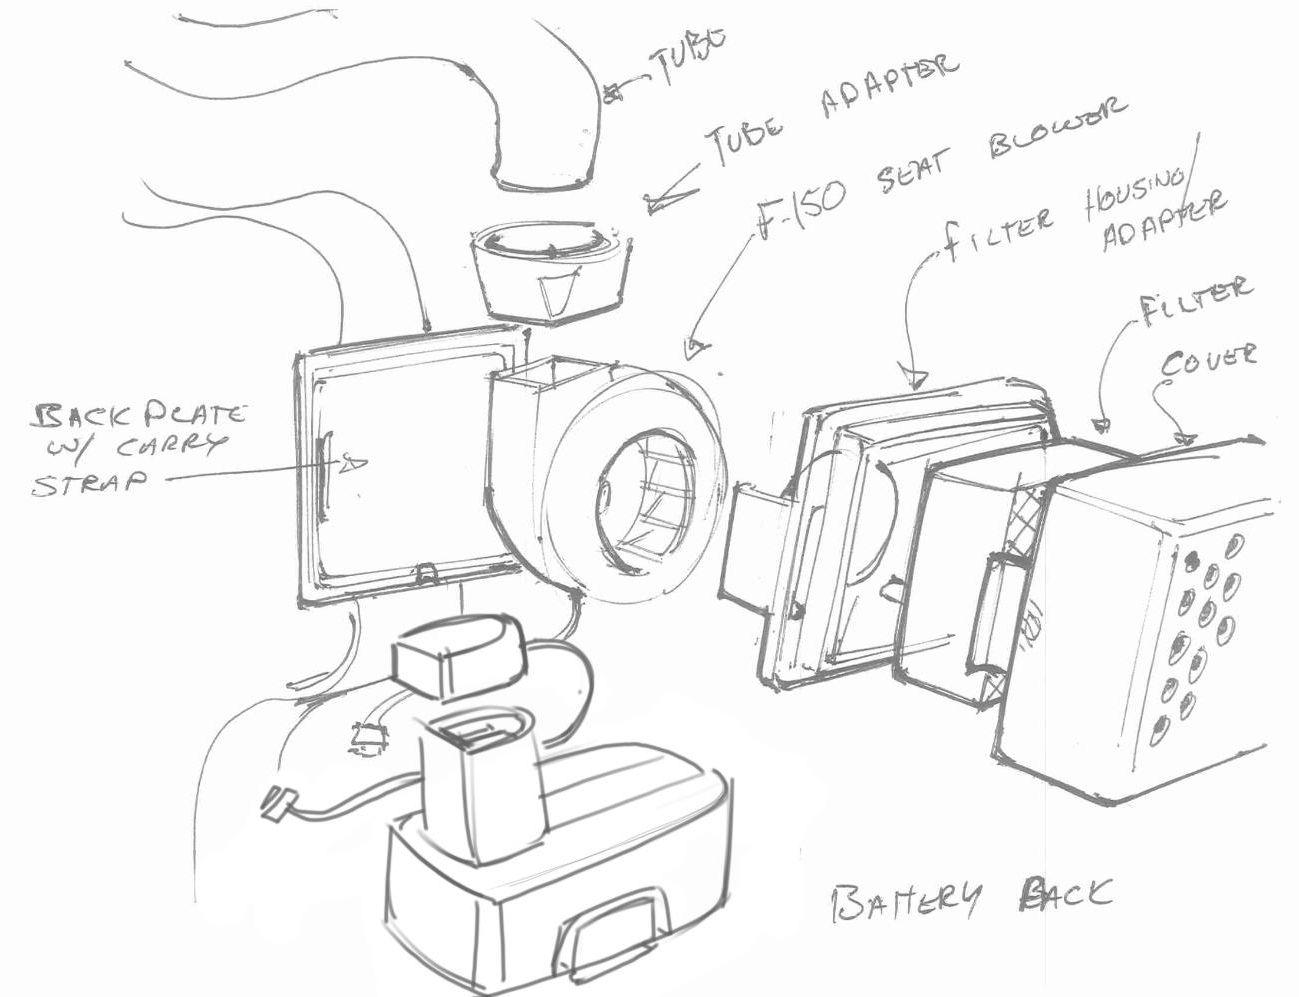 Ford: Filtration System Design